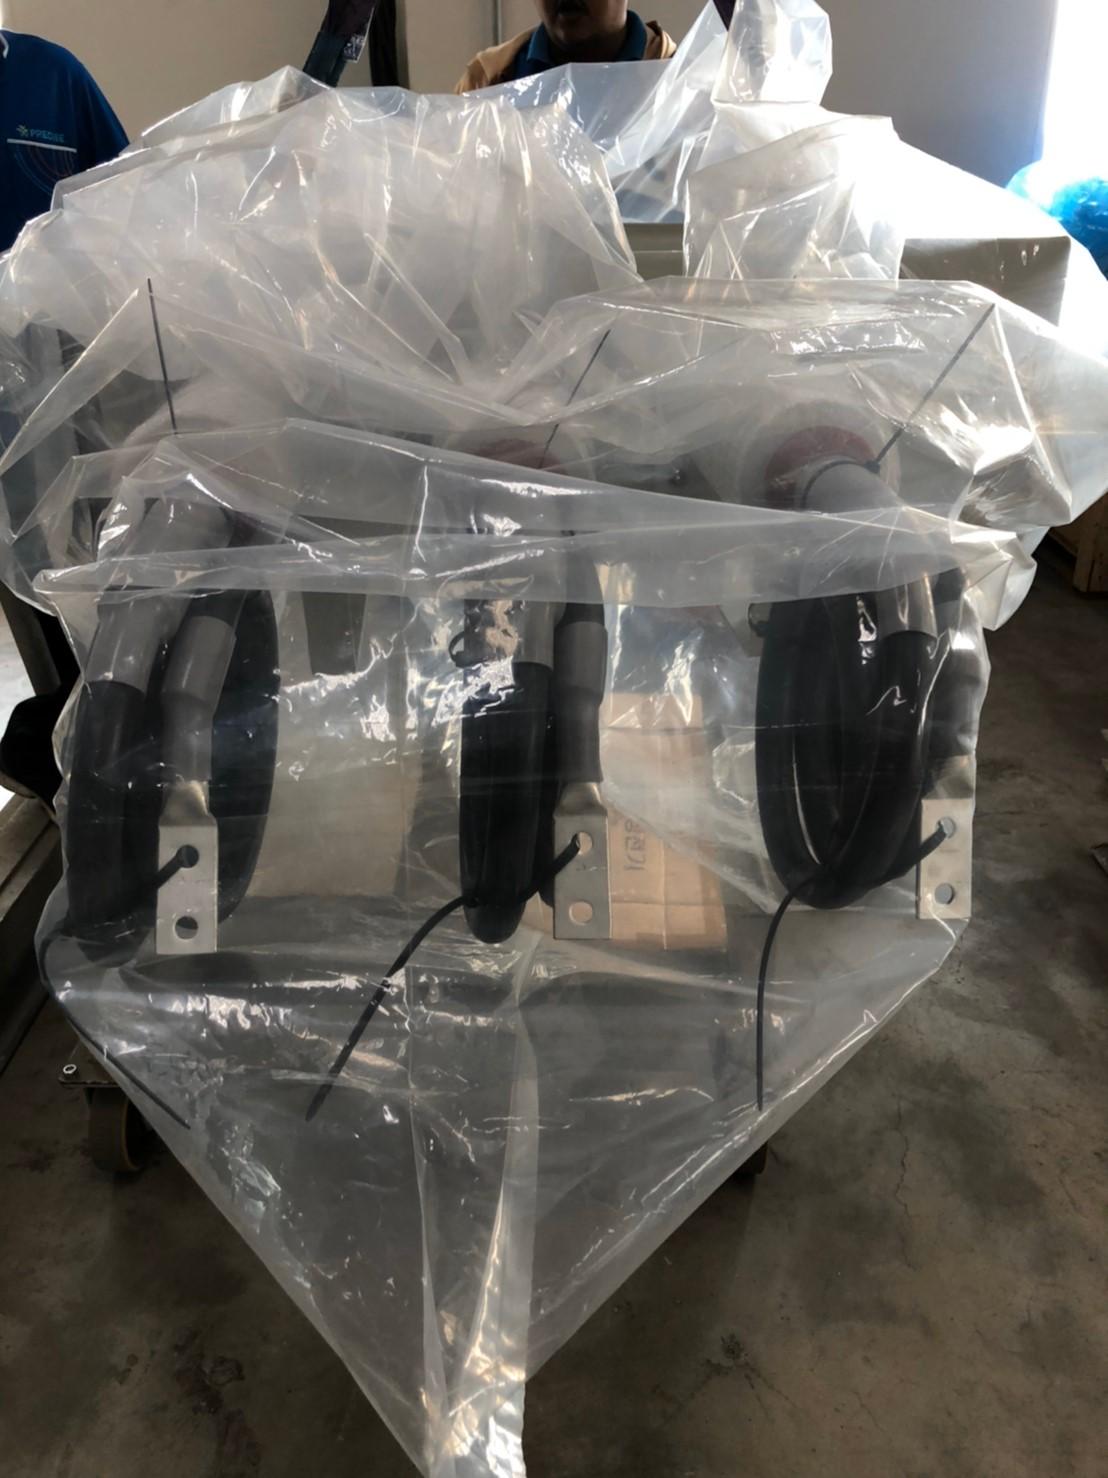 ตัวอย่างการใช้งานถุงพลาสติกขนาดใหญ่